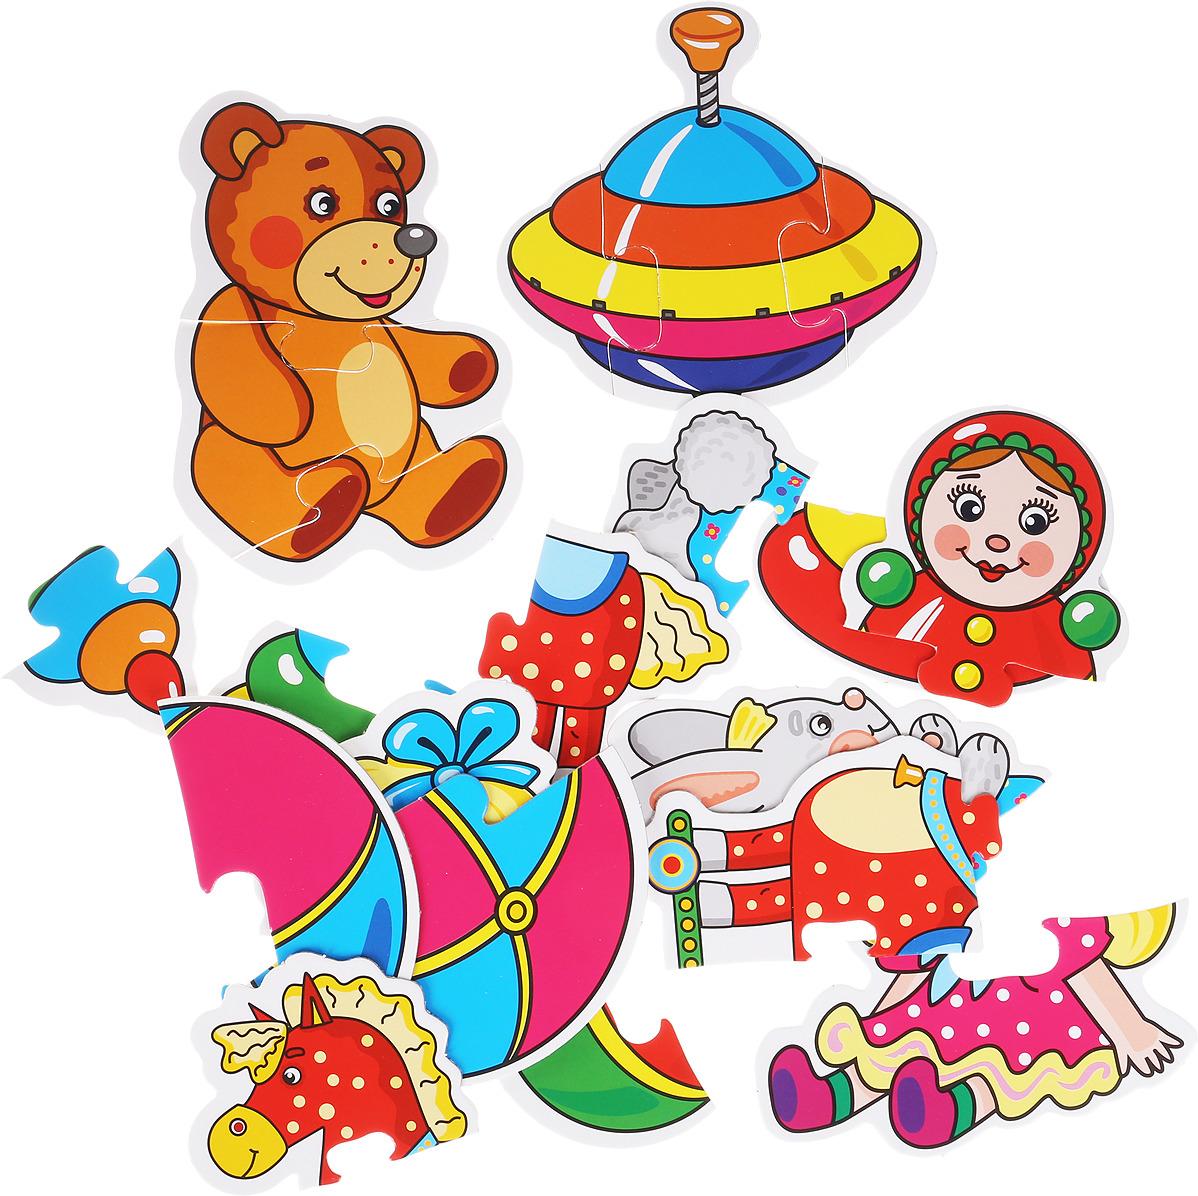 Изображения игрушек картинки